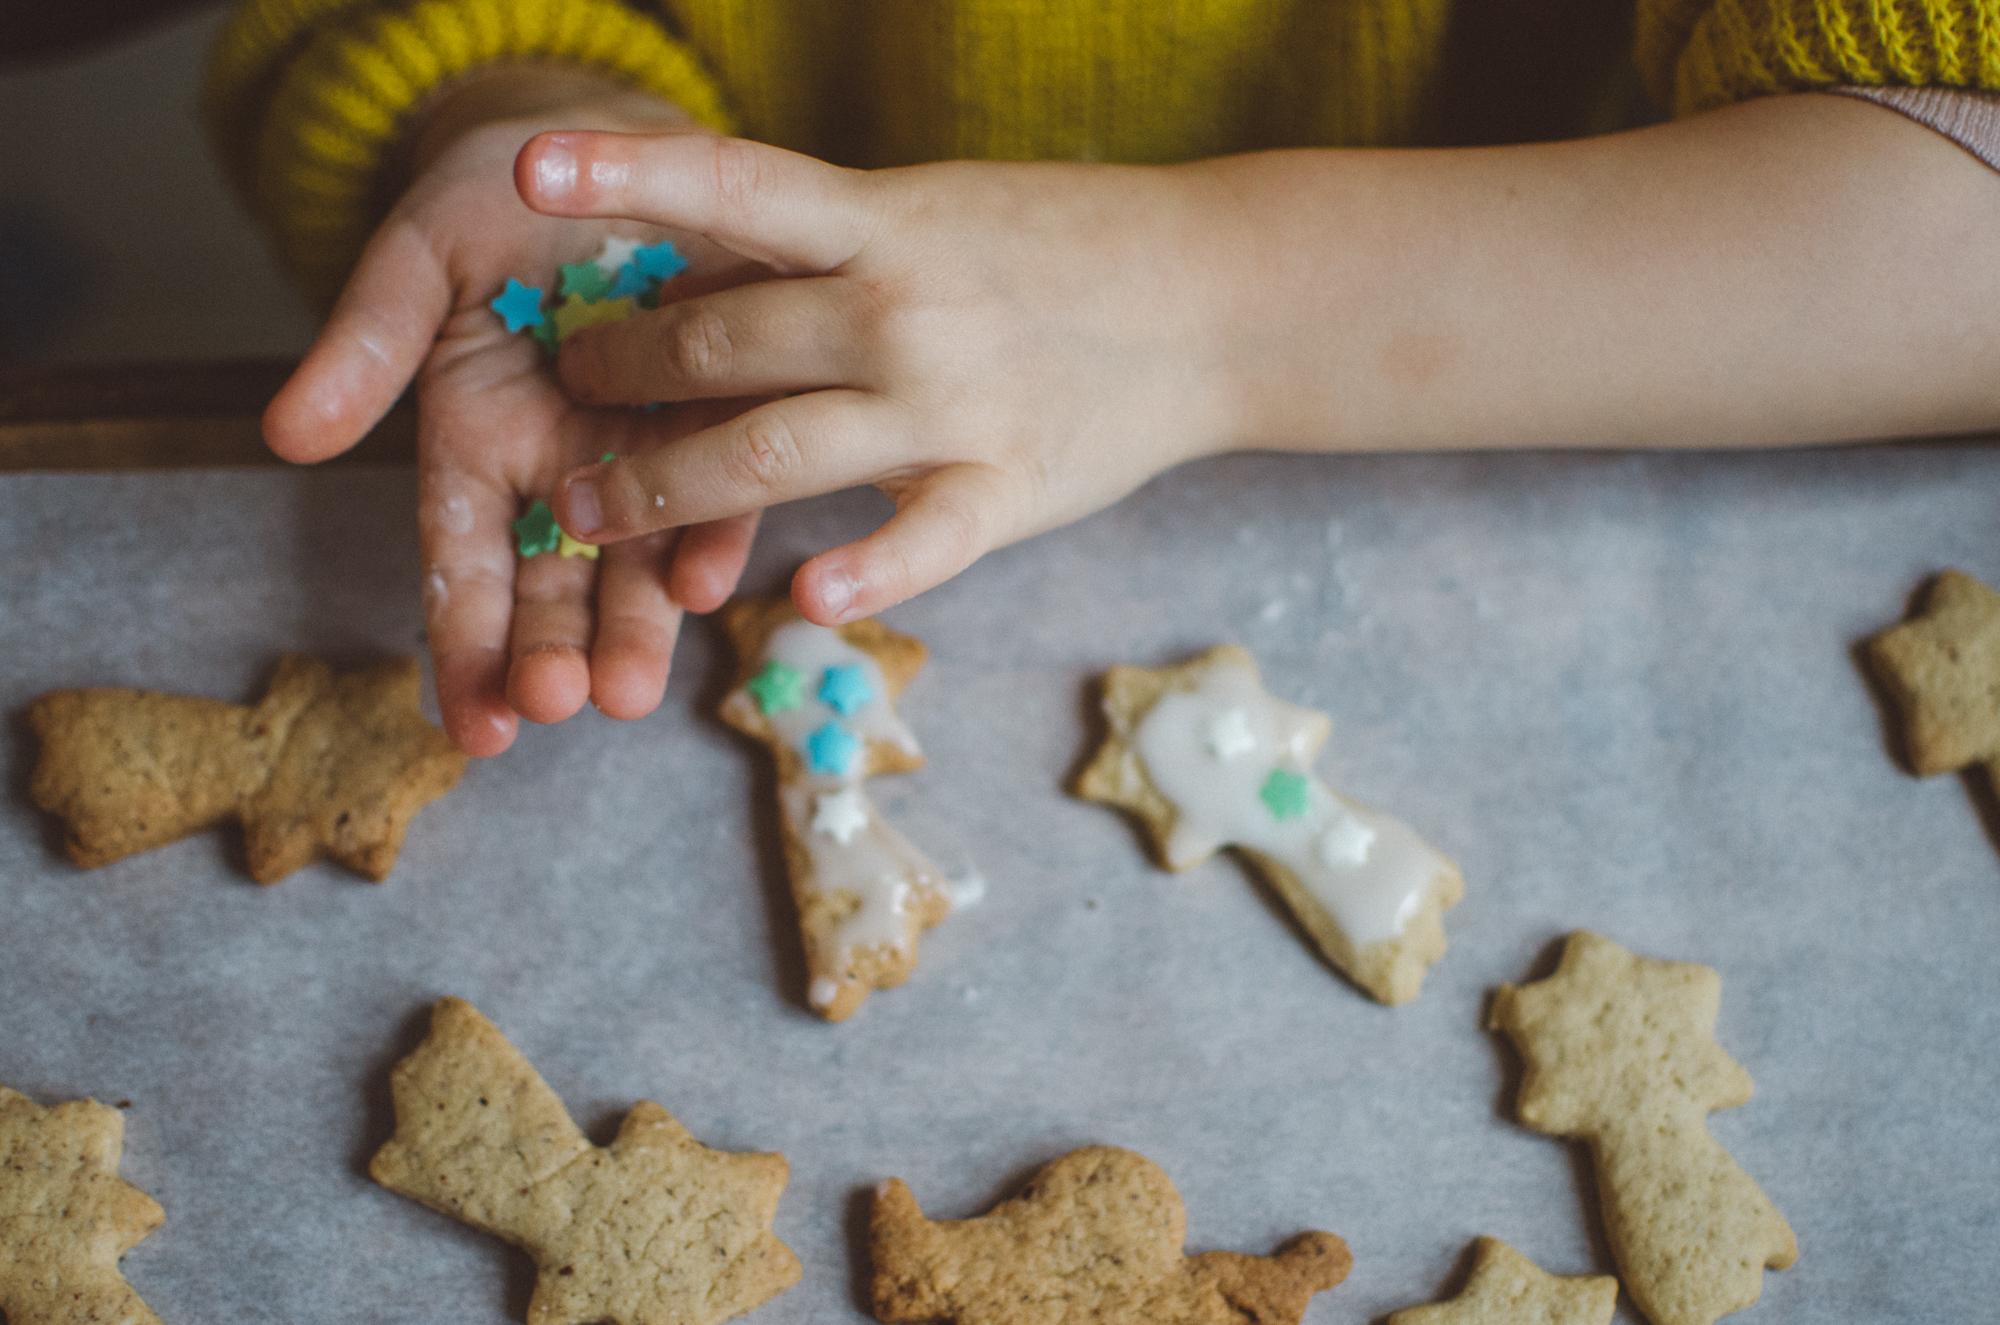 7 Last Minute Ideen, Adventskalender füllen, nachhaltig und sinnvoll